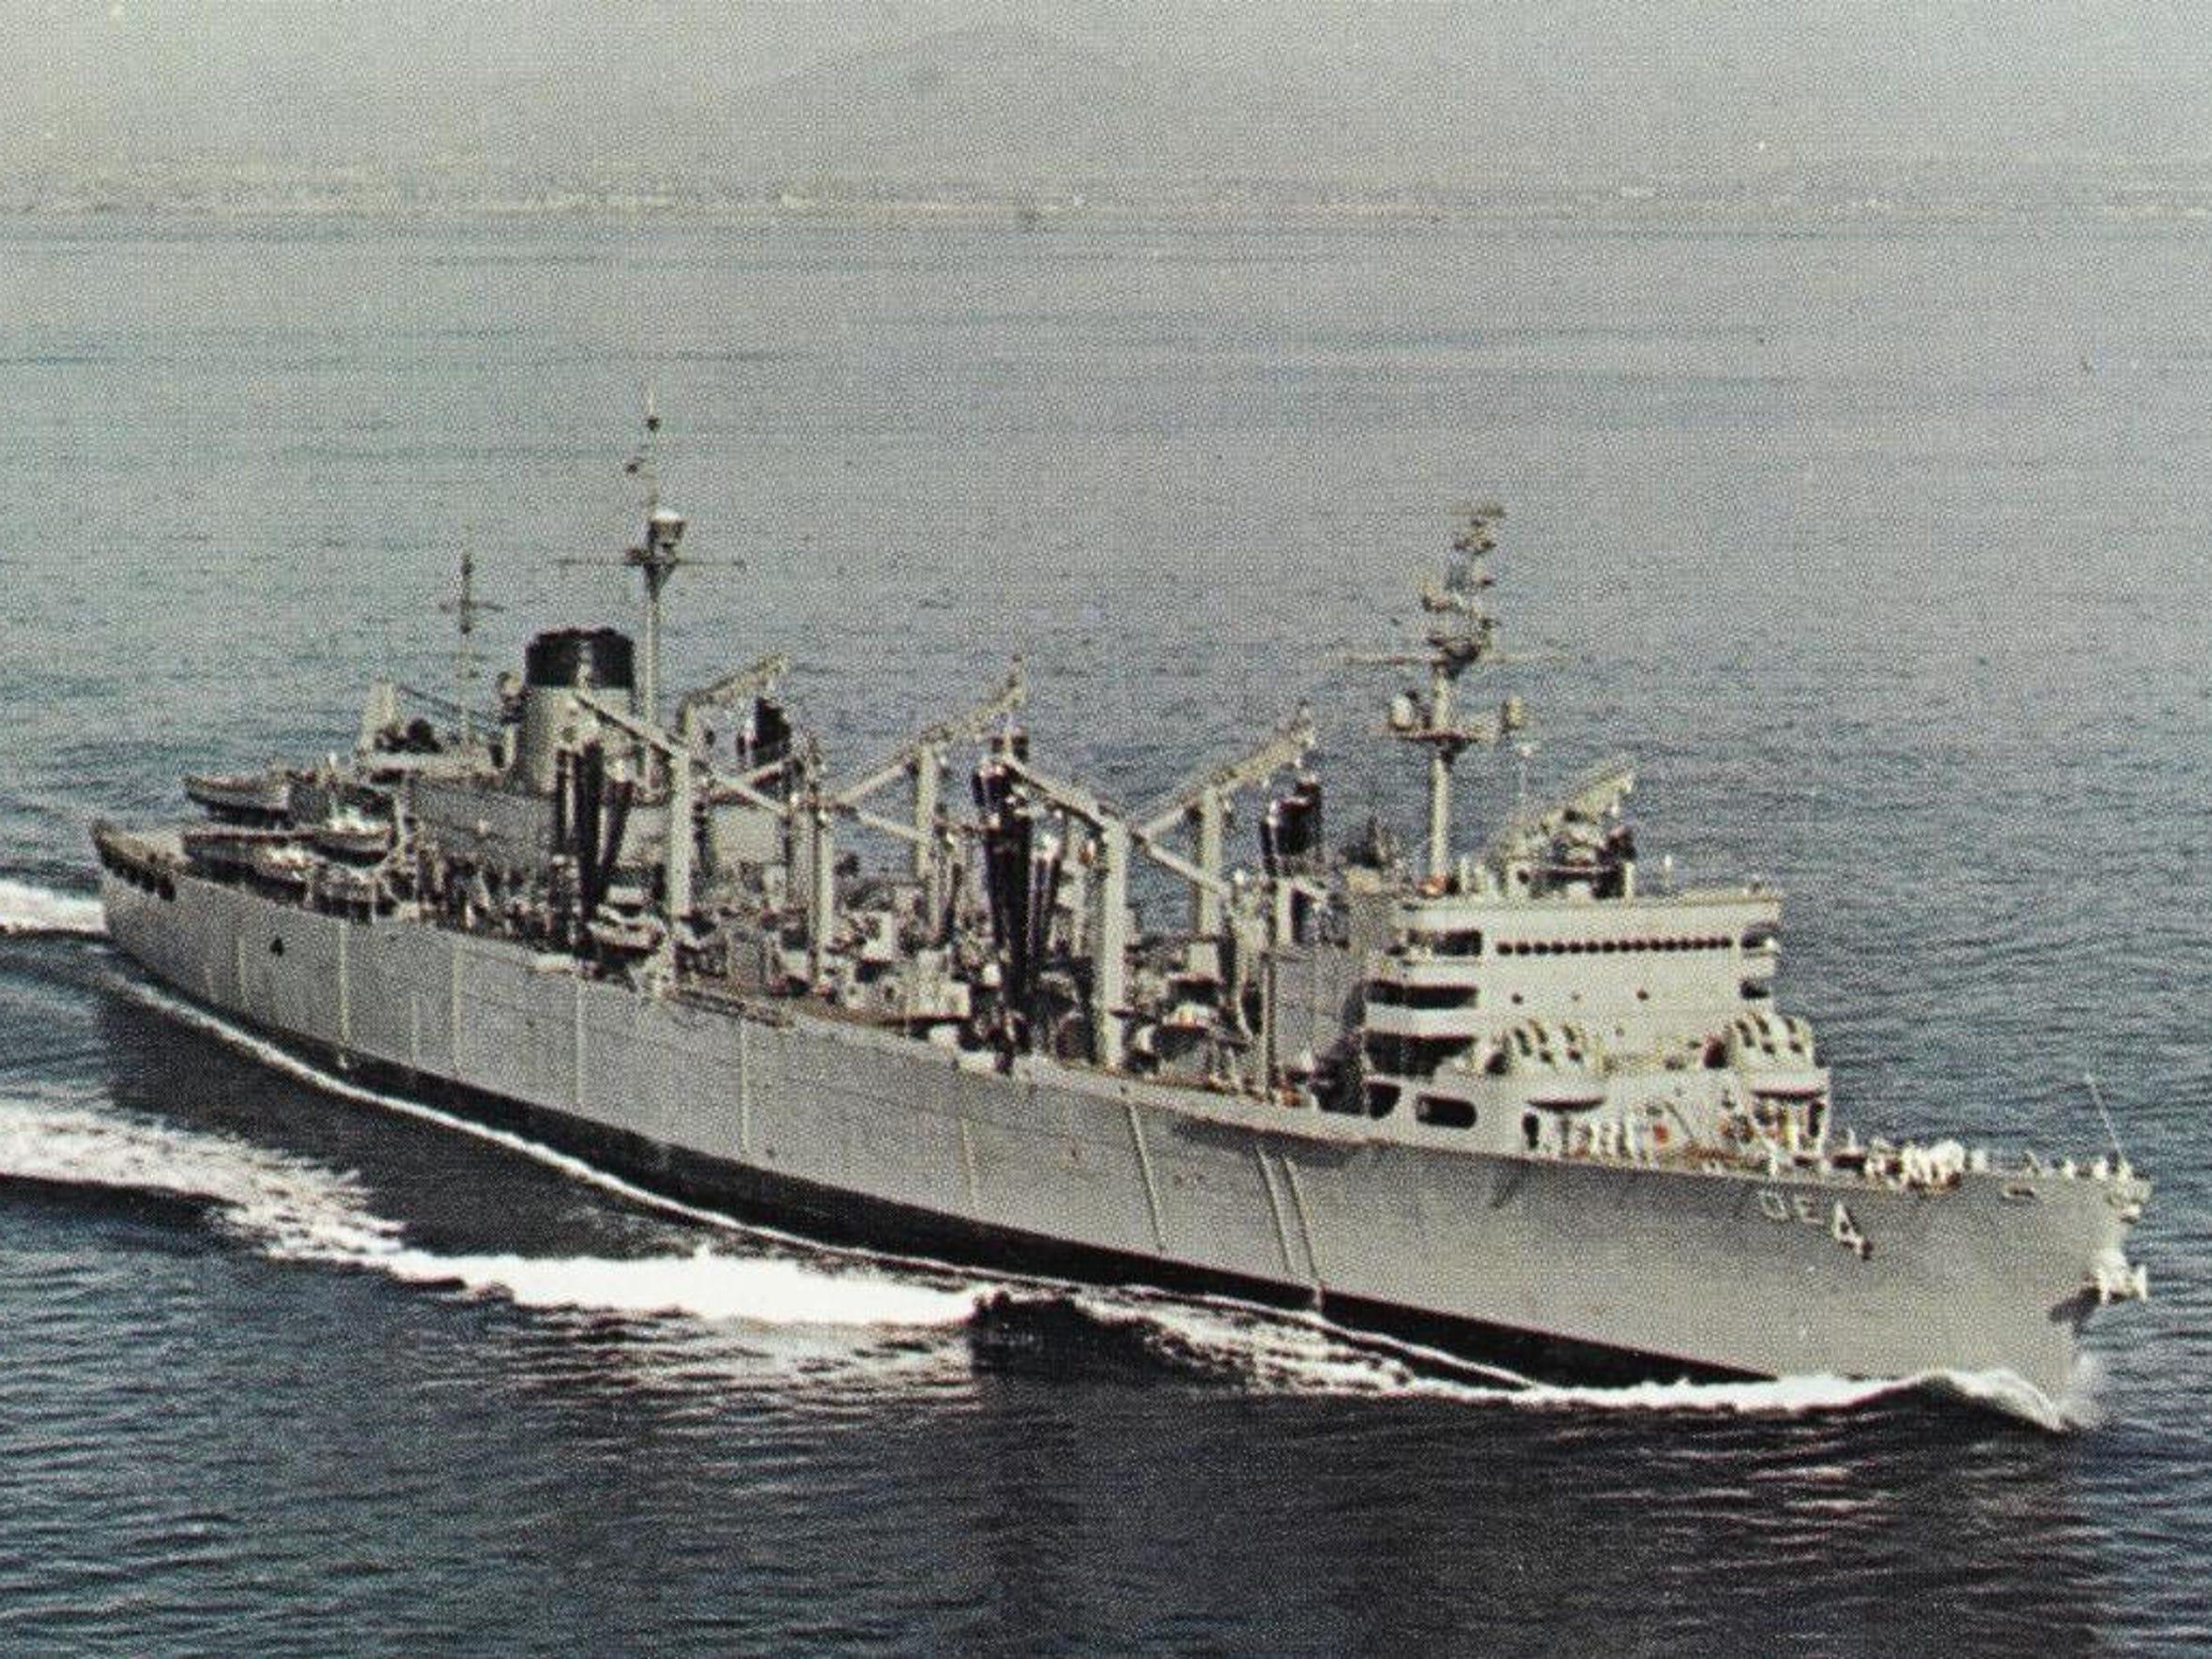 5-ussdetroit-1973